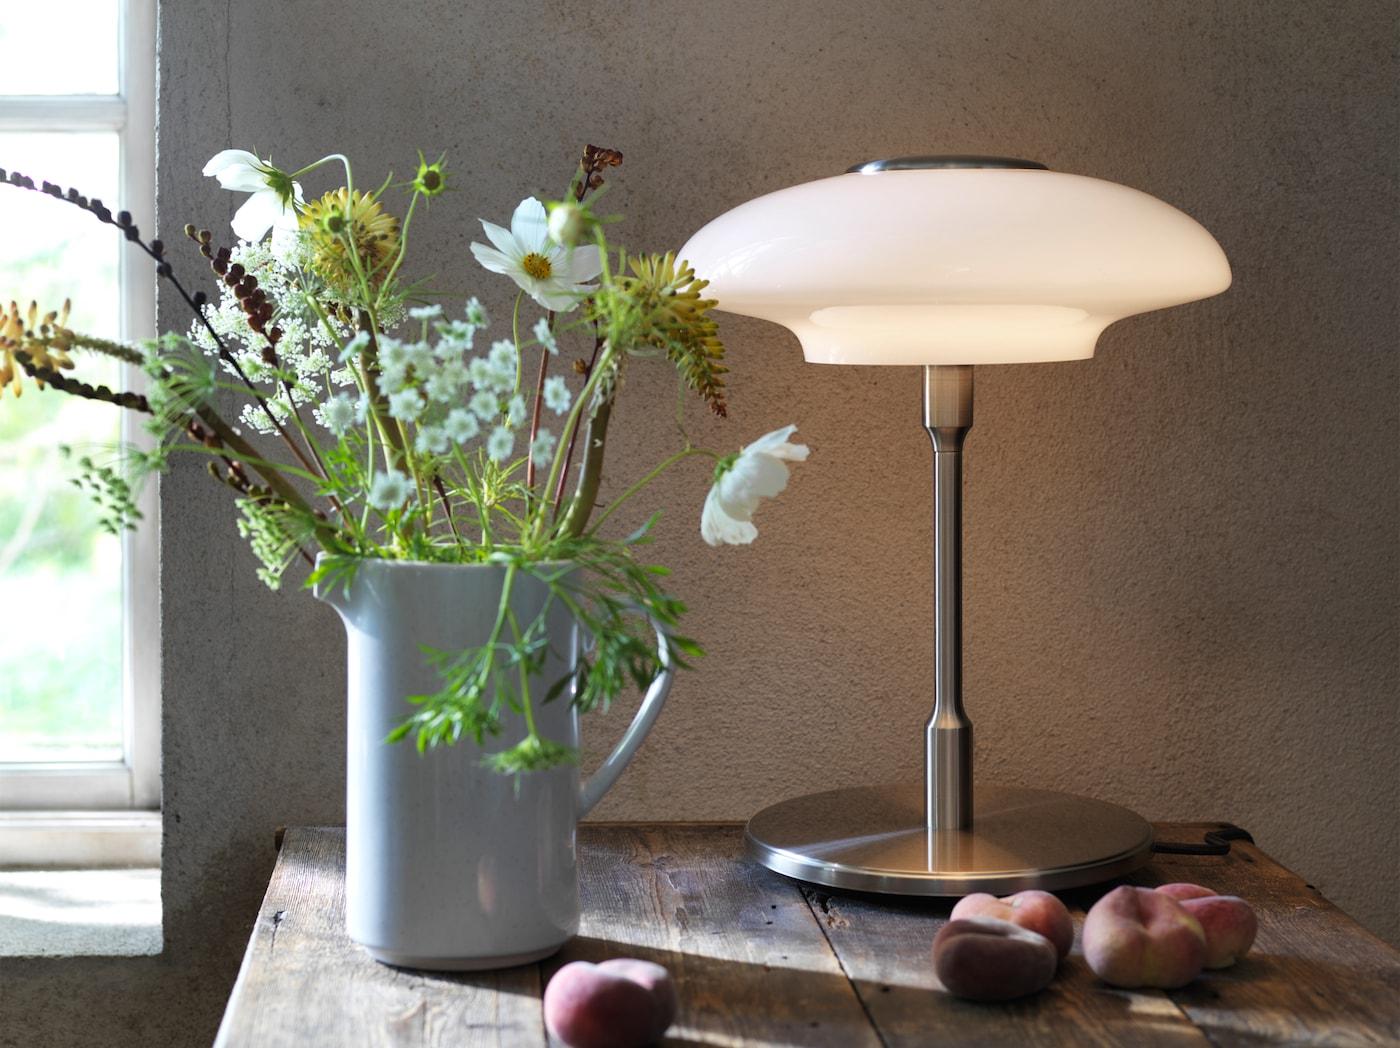 木质桌面上摆放着一盏装饰艺术风格浓厚的 TÄLLBYN 泰尔比恩 台灯,旁边放着一罐花和桃子。